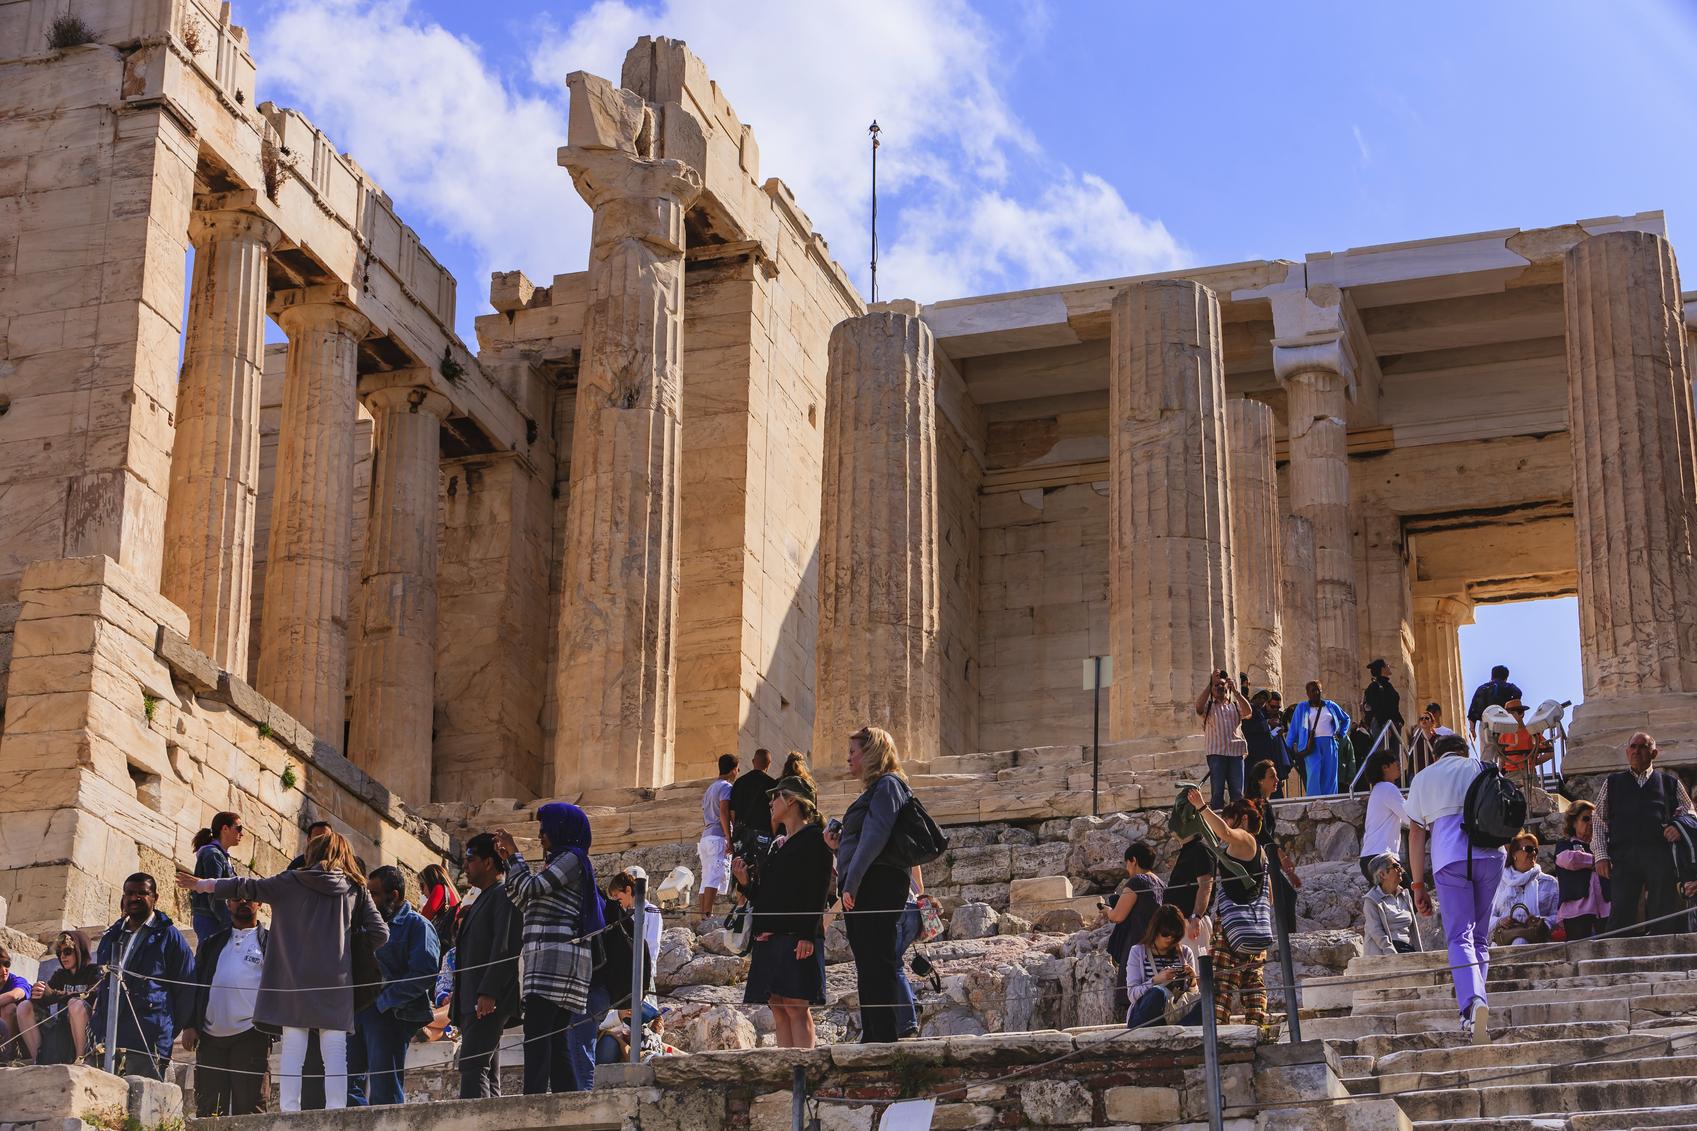 Die Akropolis ist barrierefrei, aber du solltest am frühen Morgen oder späten Abend herkommen, um die Besuchermassen und die sengende Hitze zu vermeiden